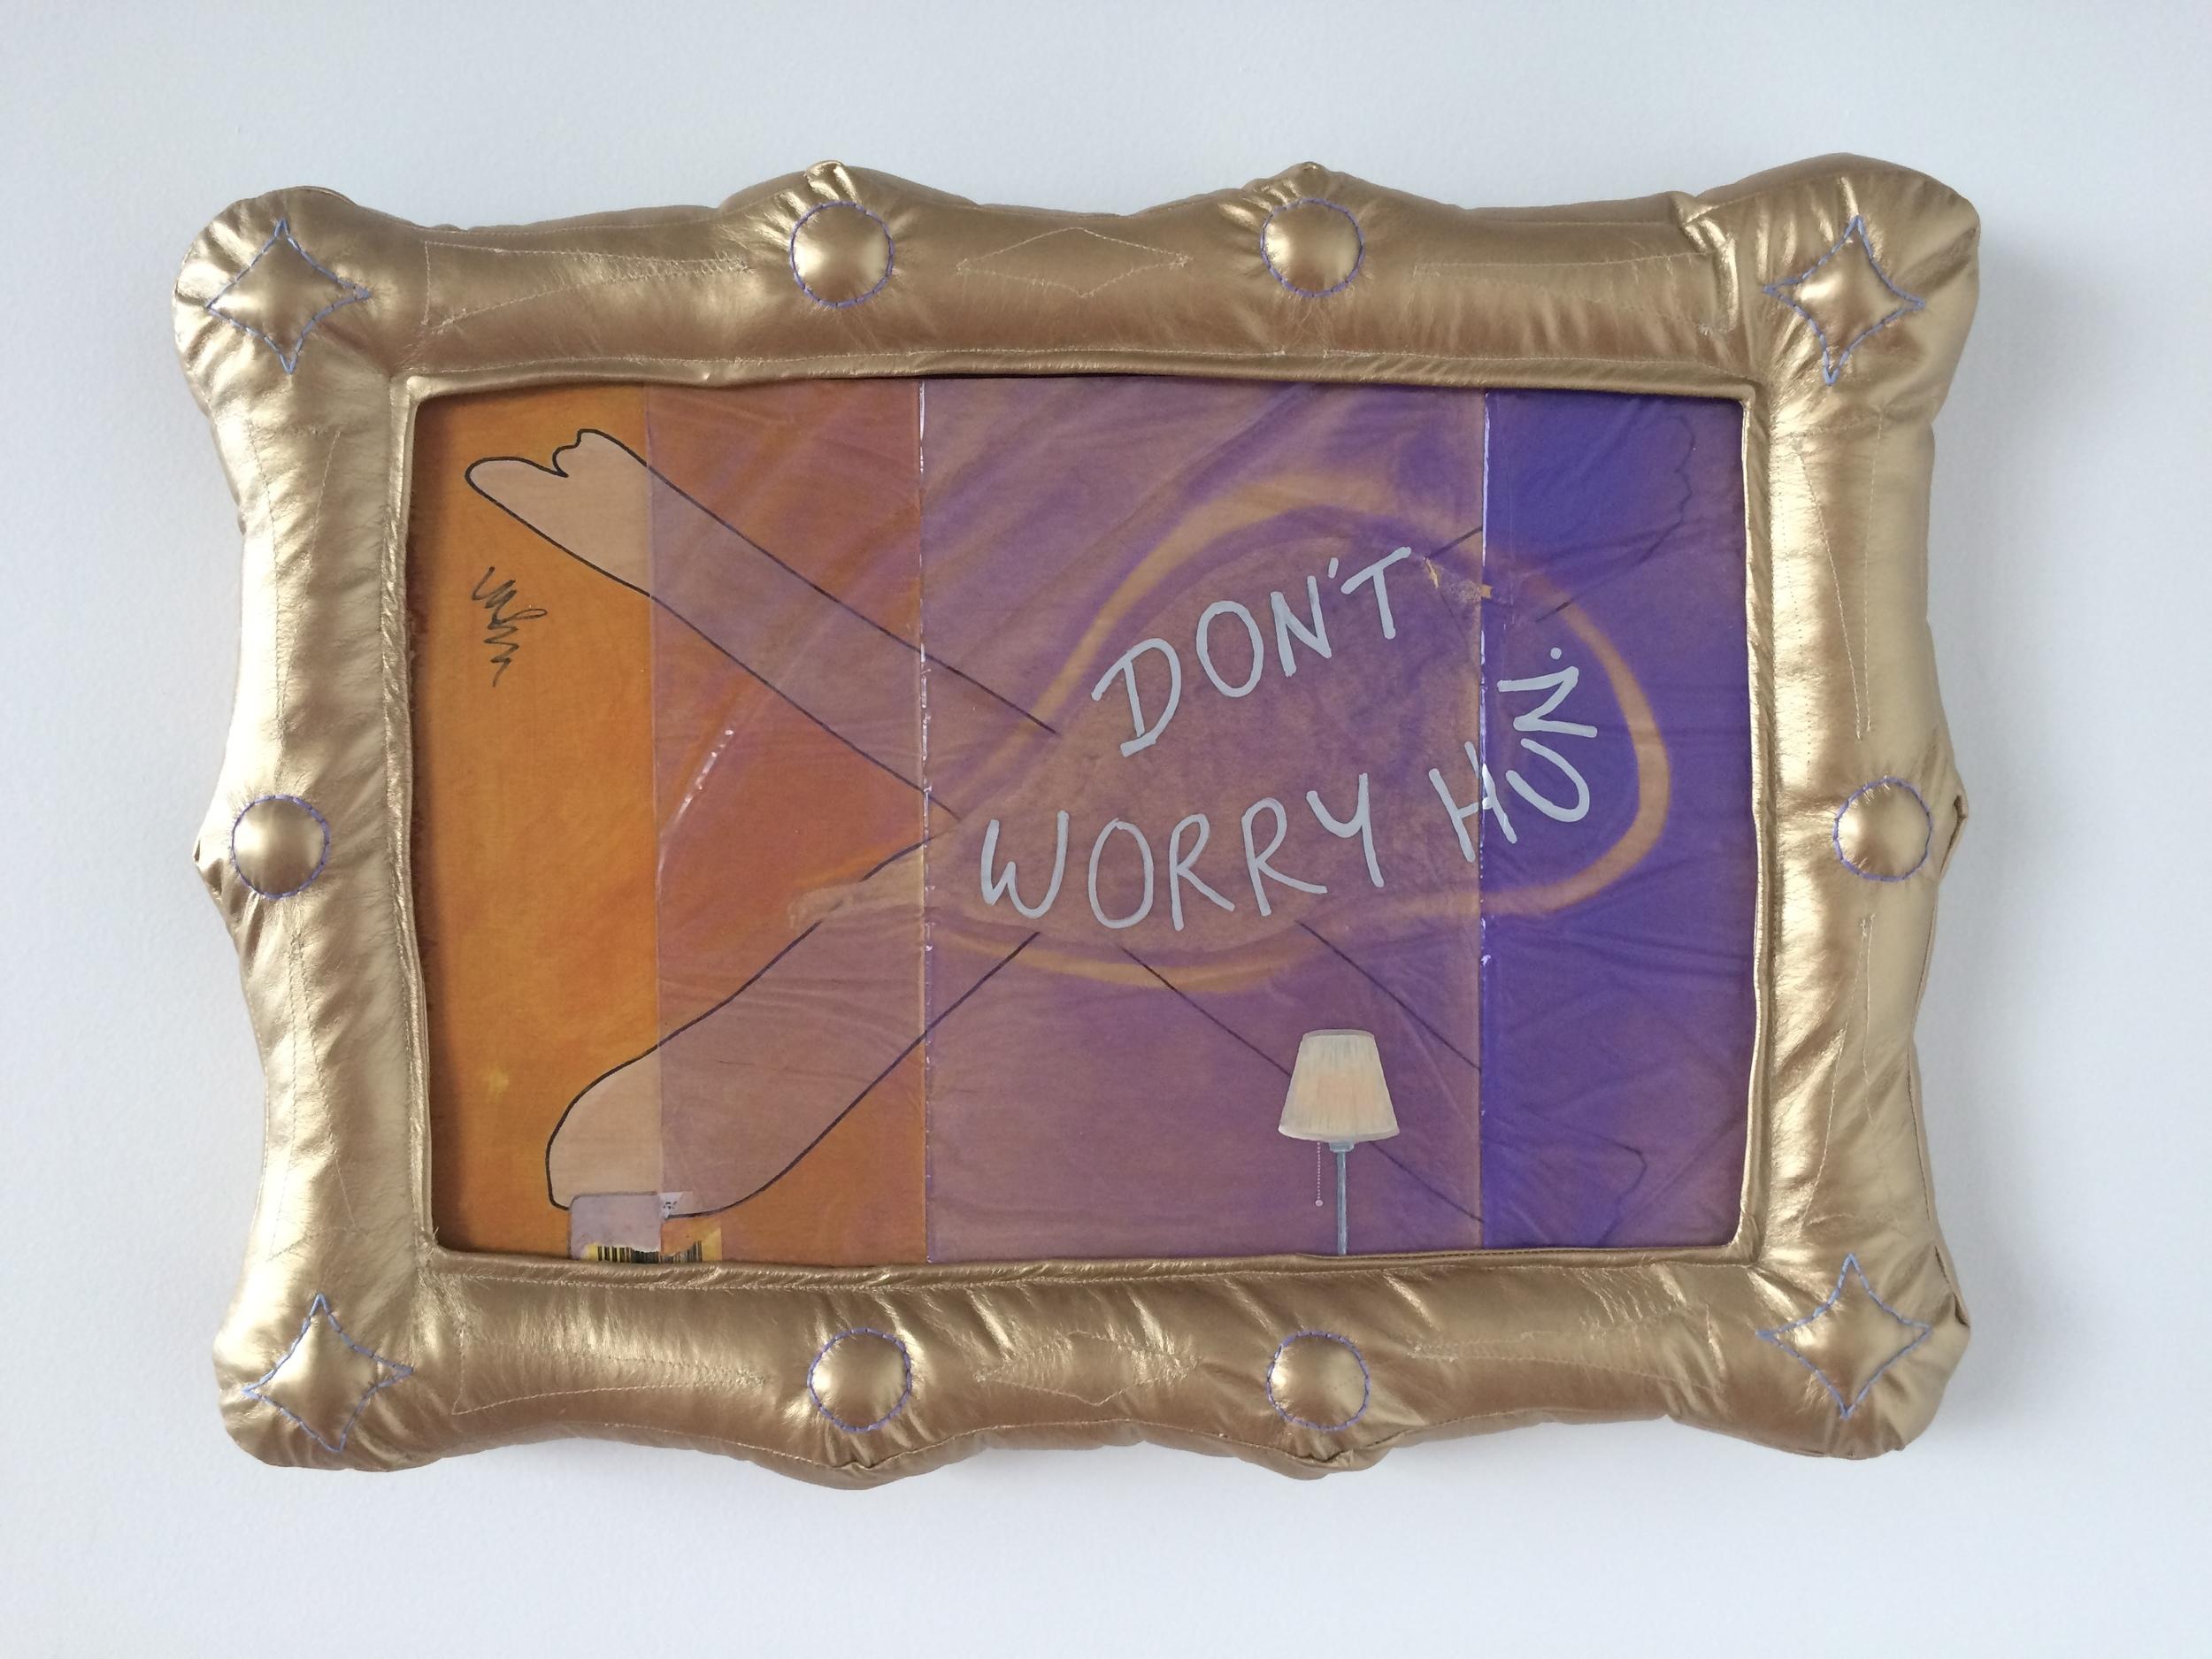 Don't worry hun.